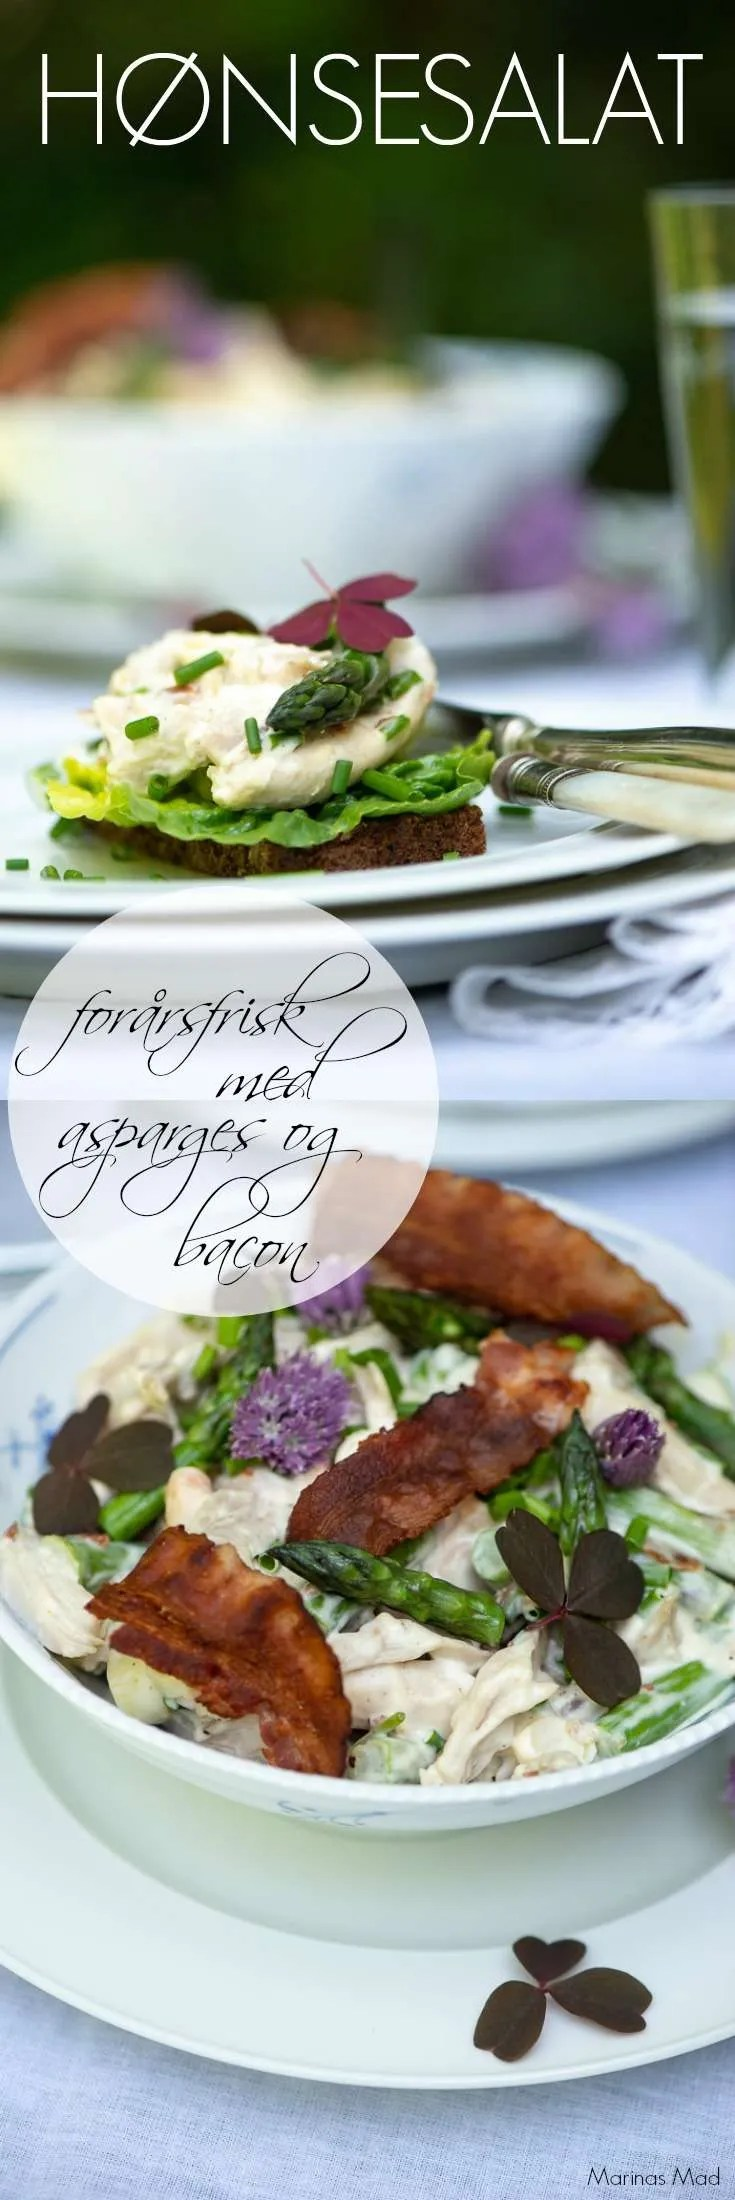 Hønsesalat er en af mine absolutte yndlinge fra det danske frokostbord. Denne version er frisk og lækker med grønne asparges og bacon. Opskrift på frokostret fra Marinas Mad